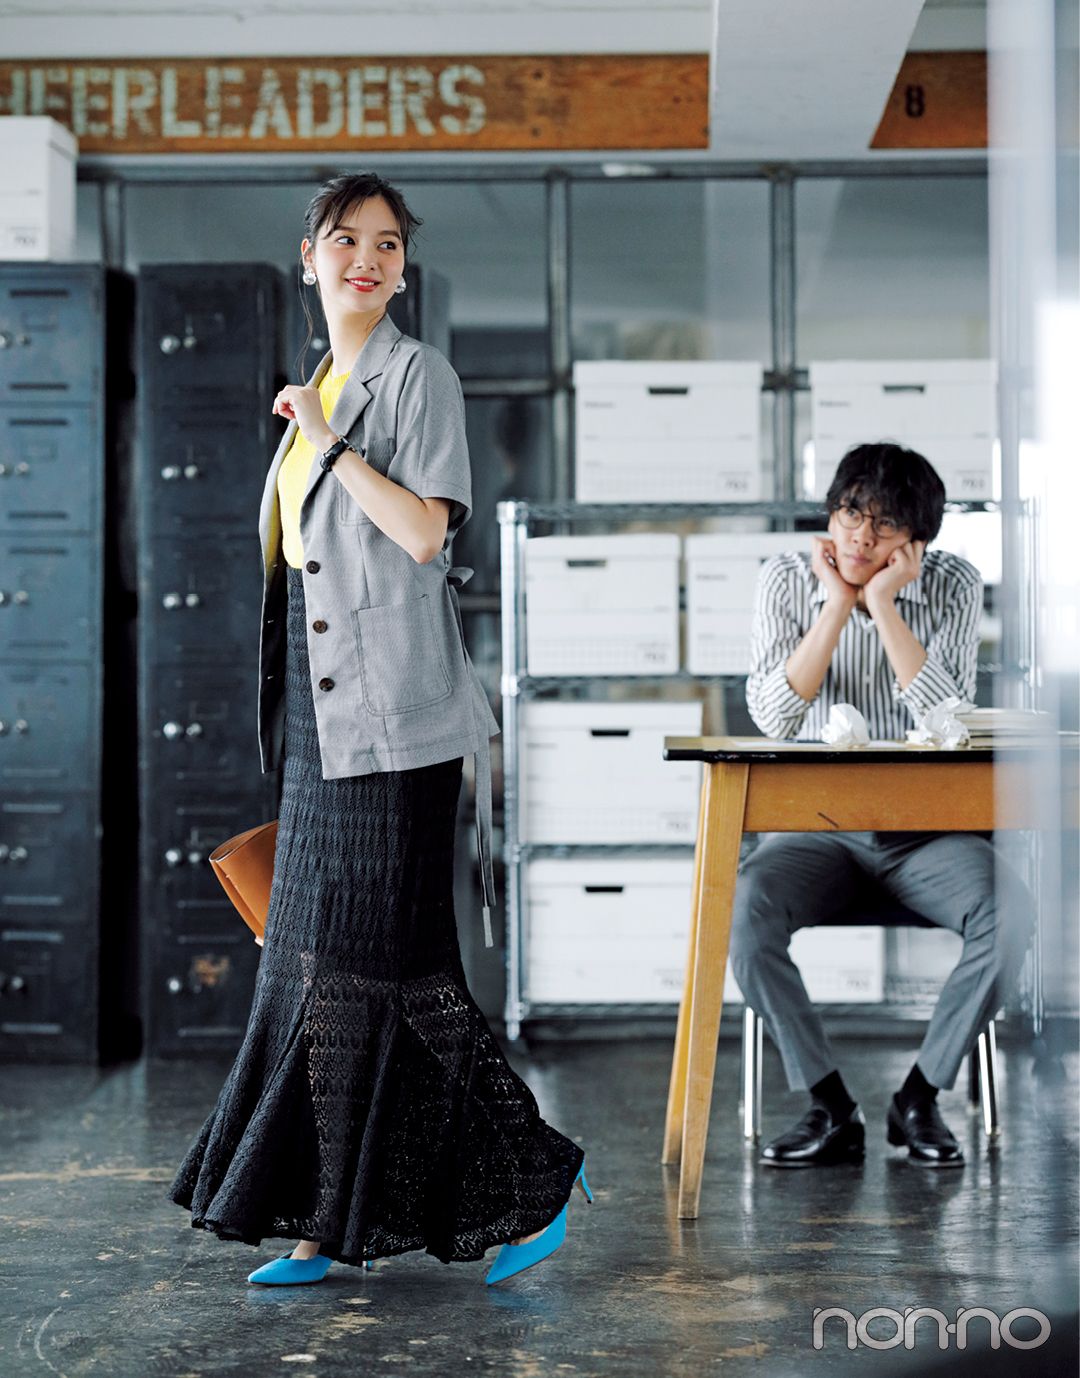 新川優愛主演「憧れの先輩社員・優愛先輩とボク。」完全版を公開!_1_8